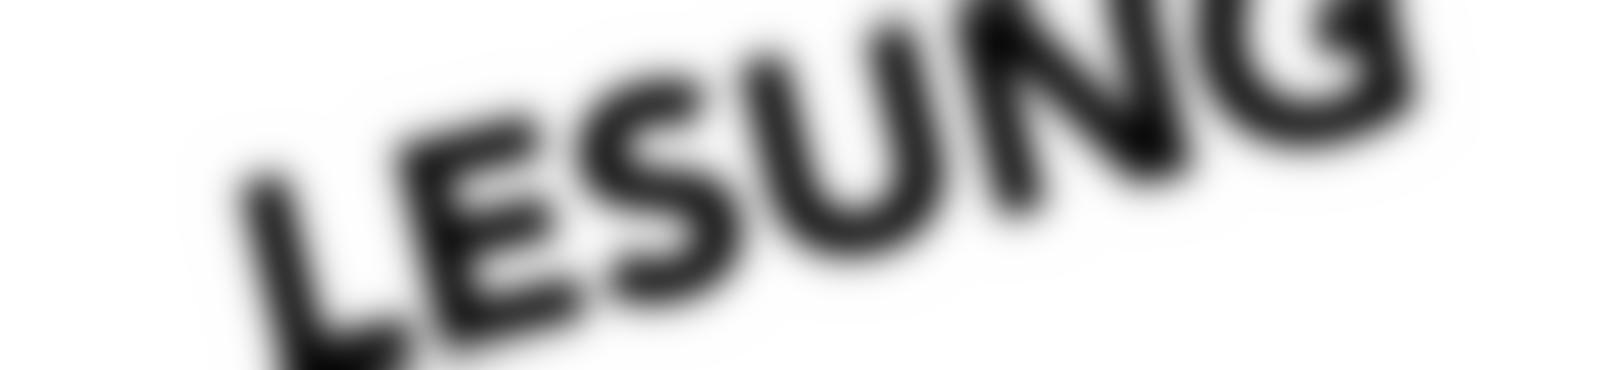 Blurred b76c92d4 f775 47b5 8976 3f5f6ef9f34d